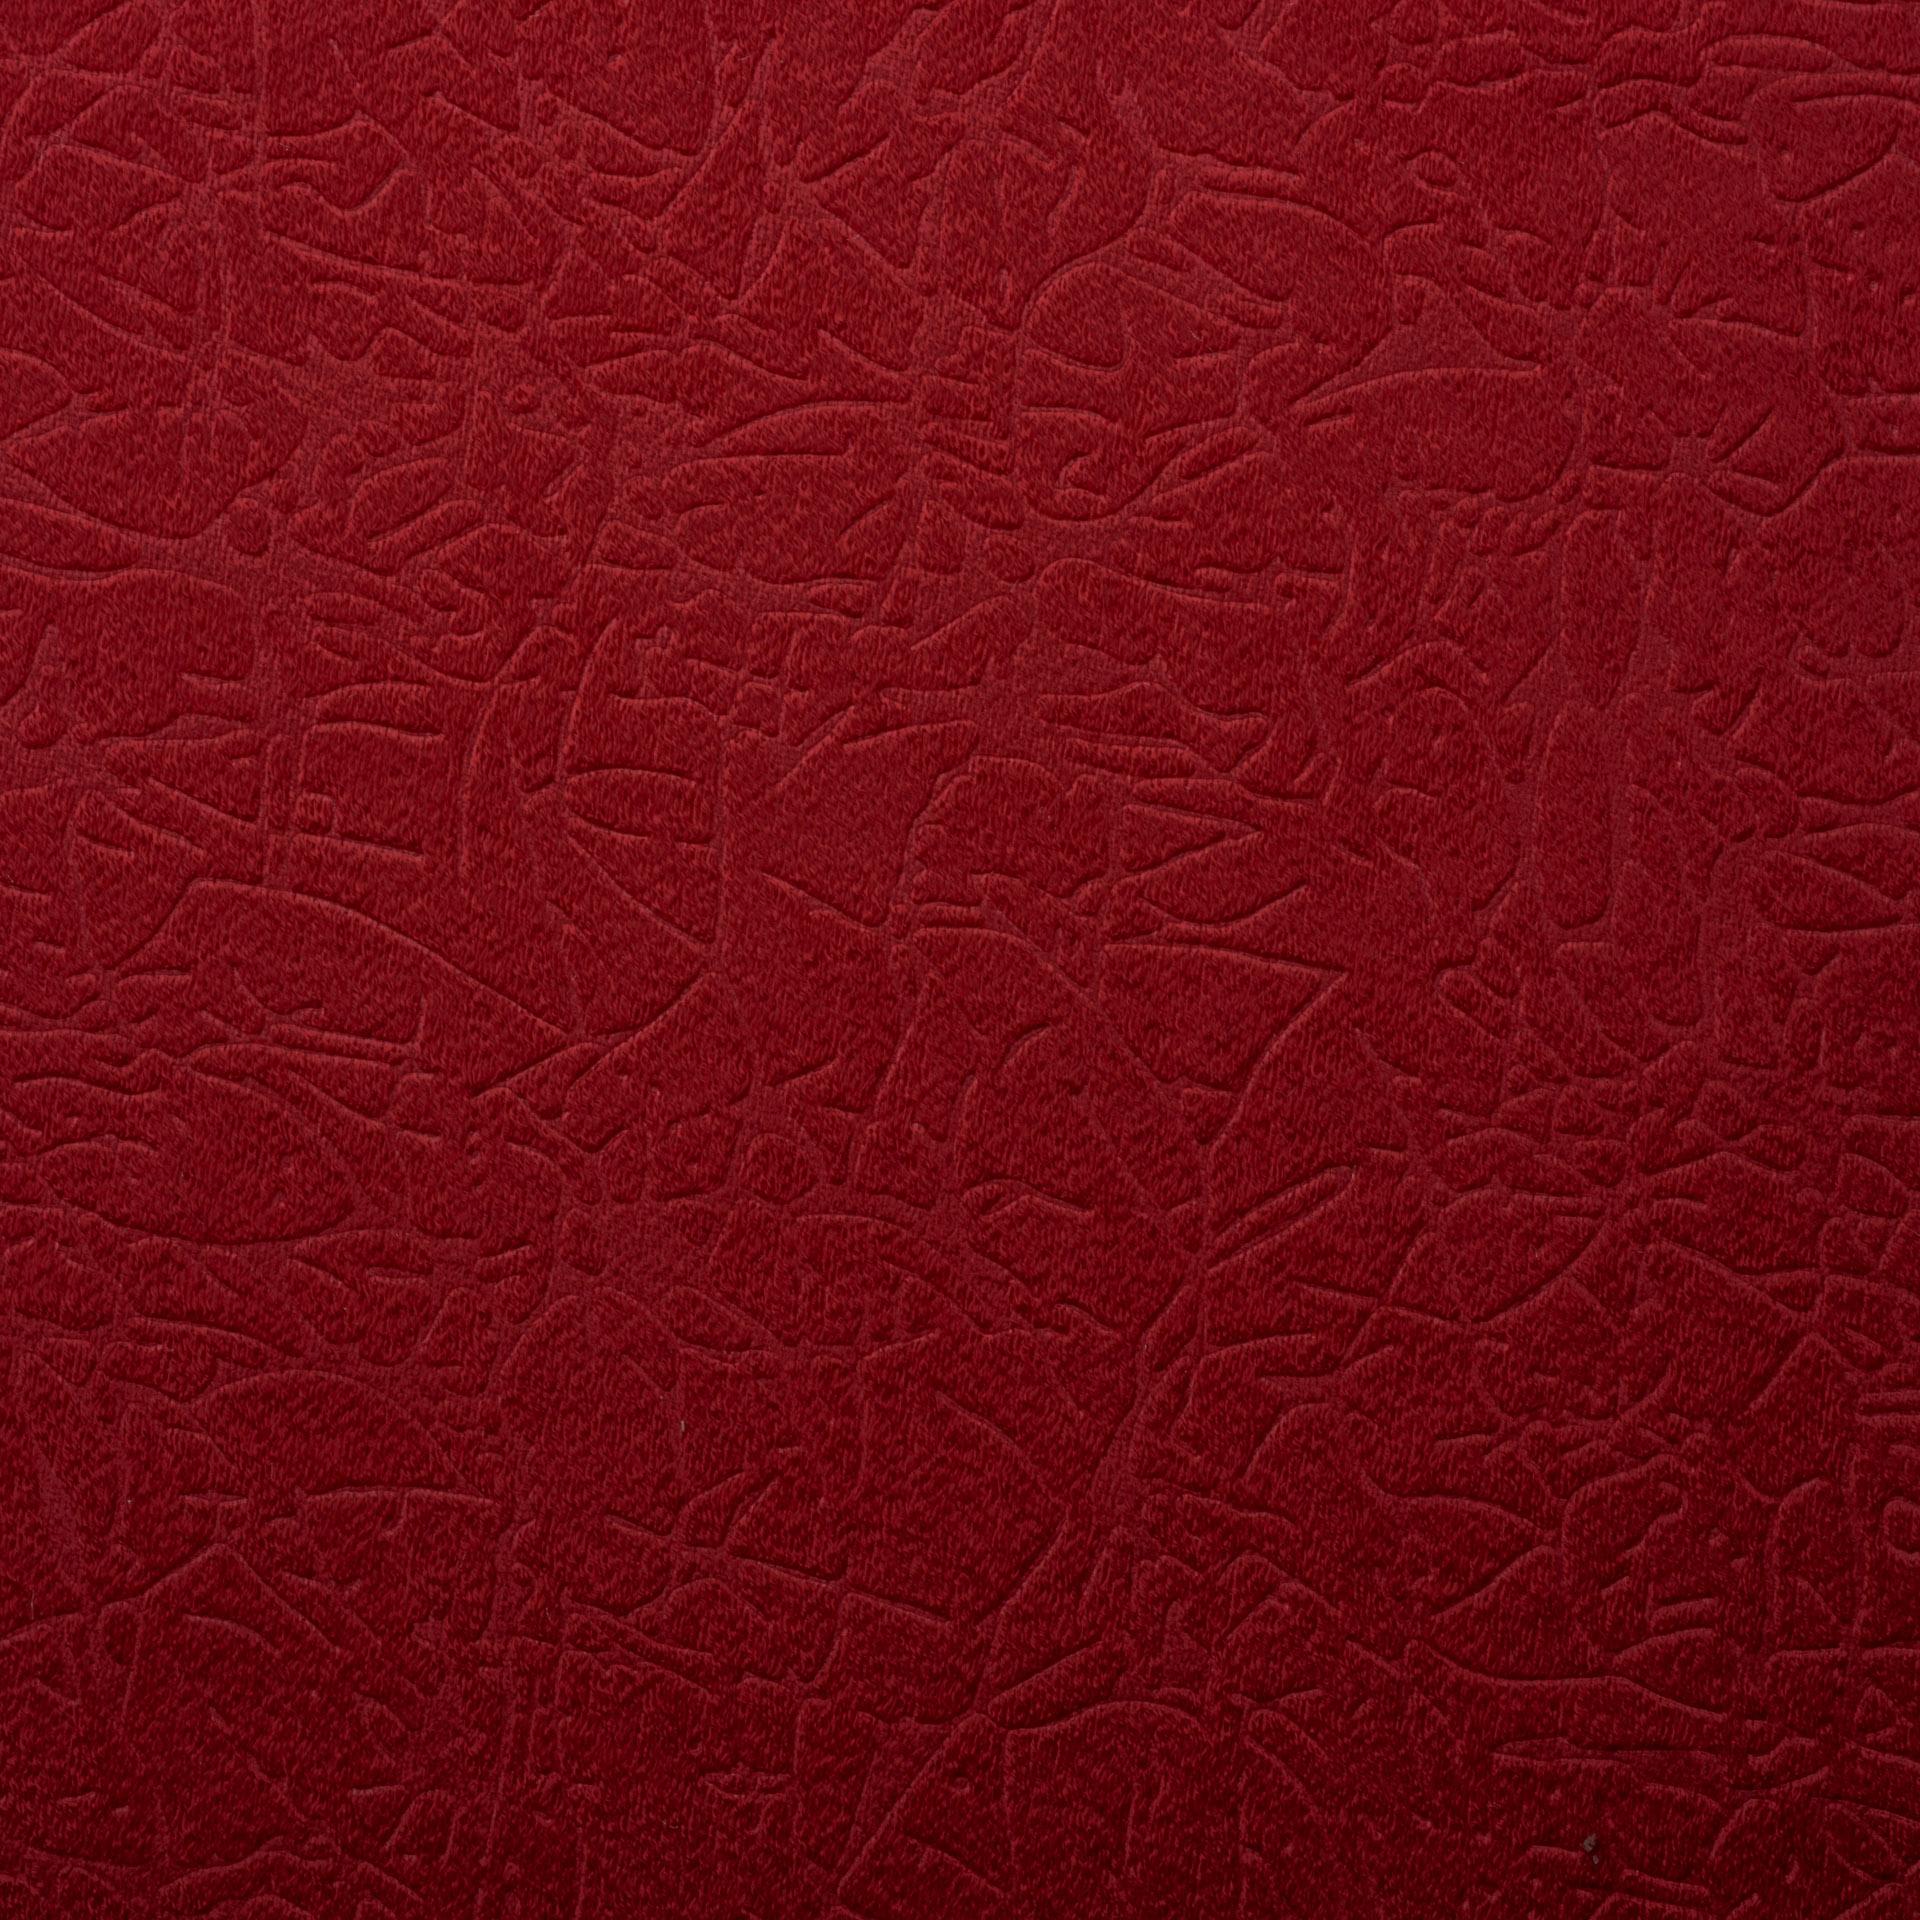 Коллекция ткани Пленет 24 RED,  купить ткань Велюр для мебели Украина